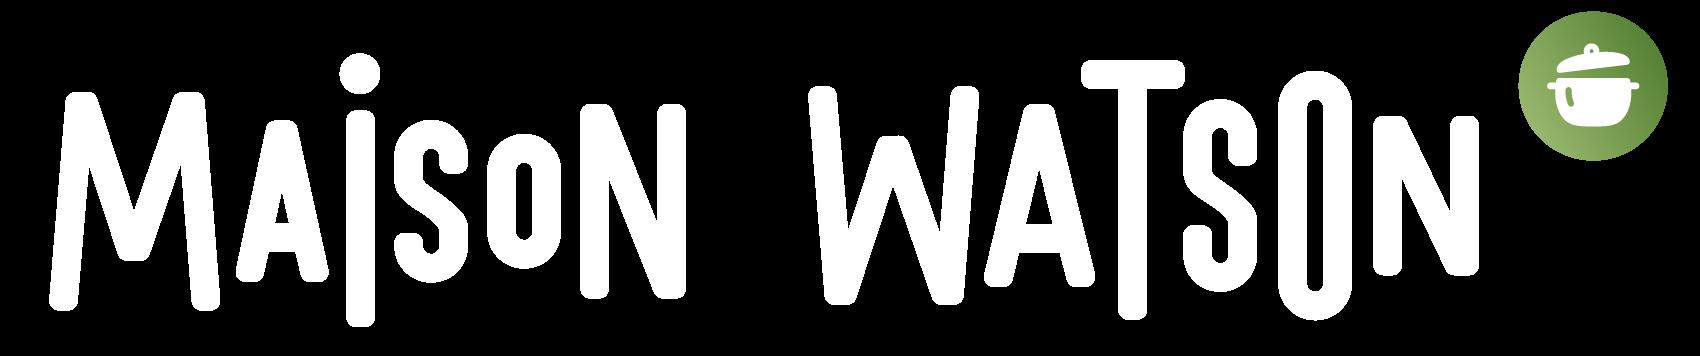 logo Maison Watson